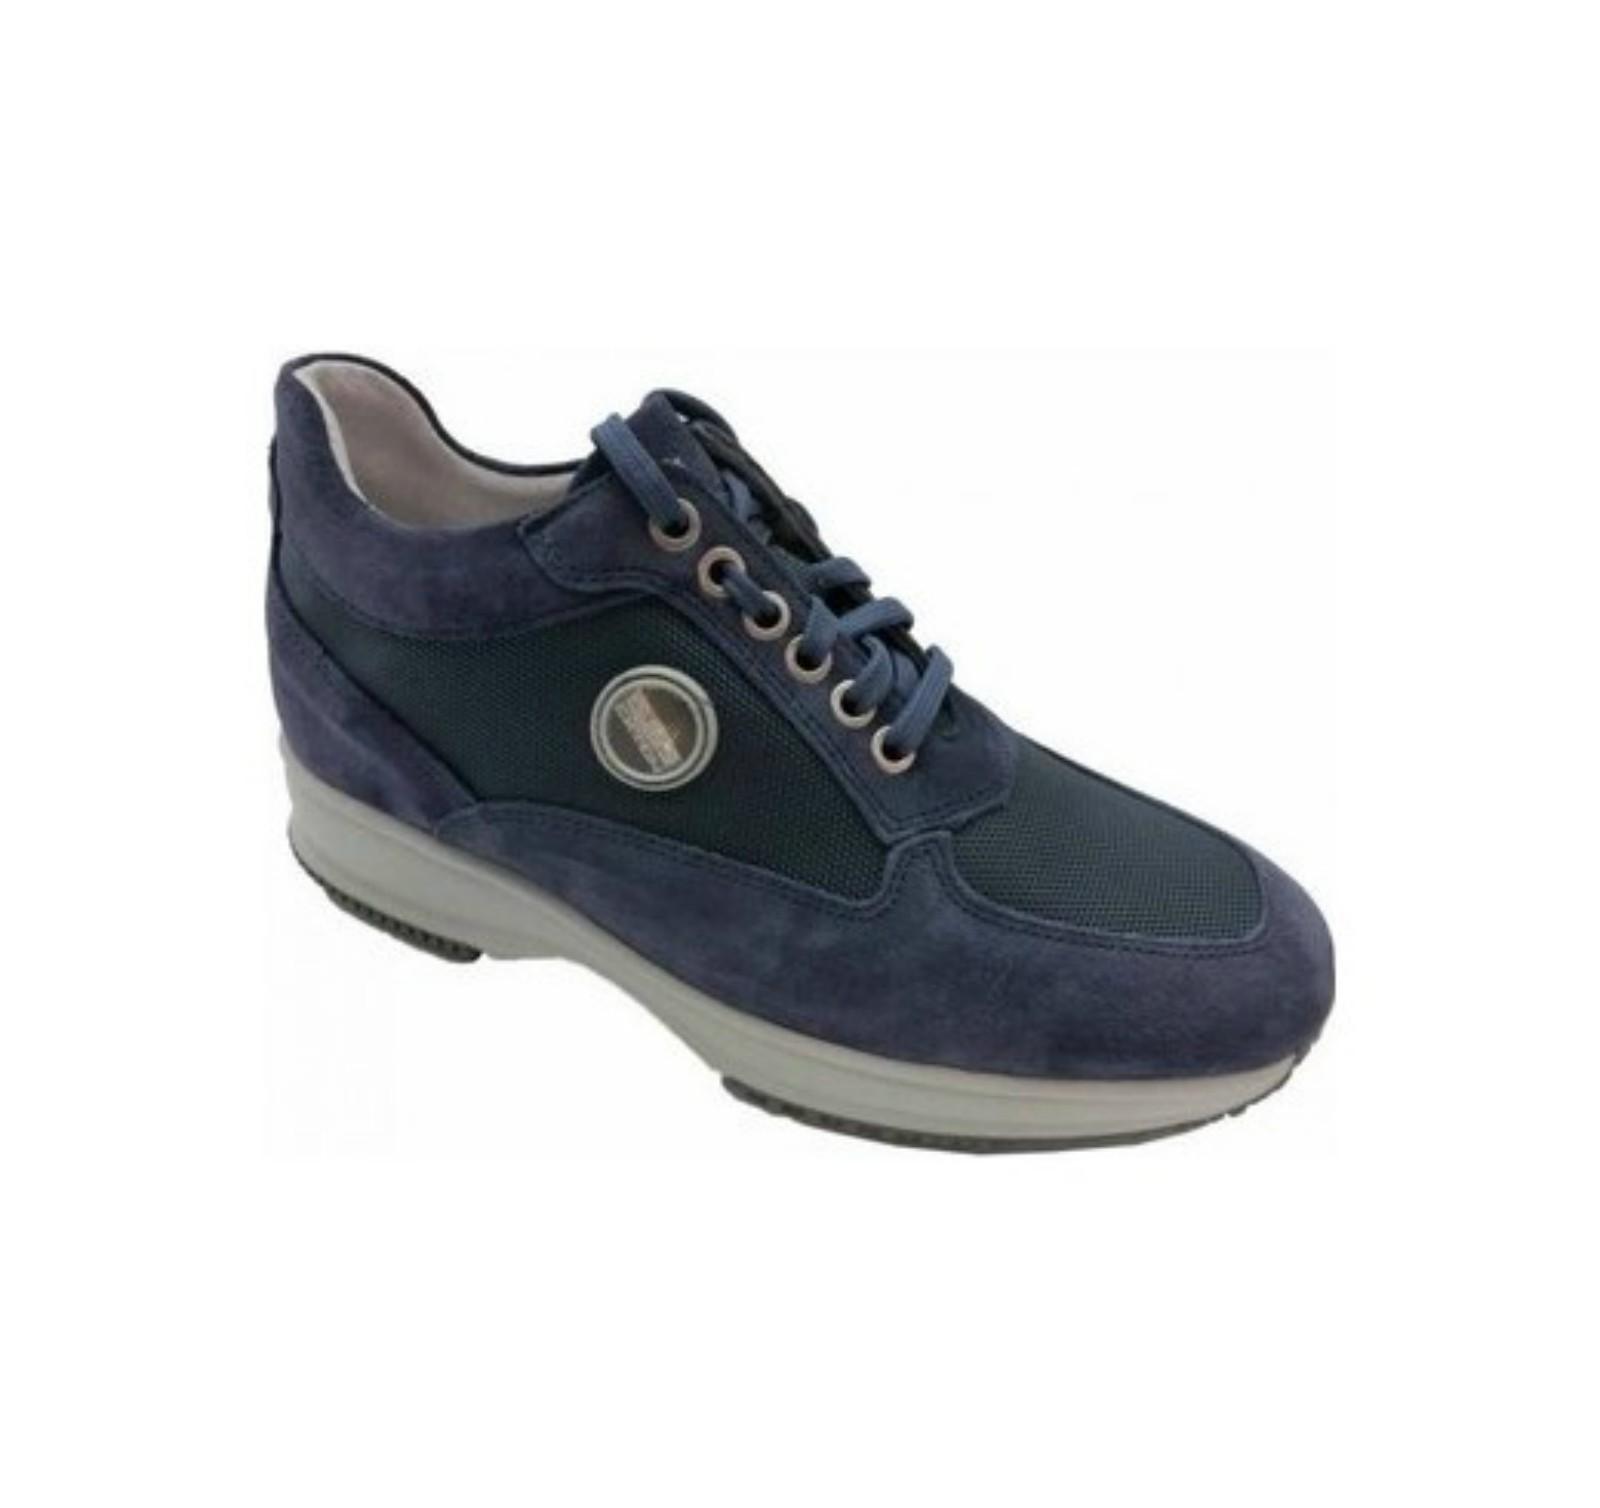 2029 Sneakers Uomo In Calzature BluBini ItalianoExton Camoscio 3lFTK1Jc